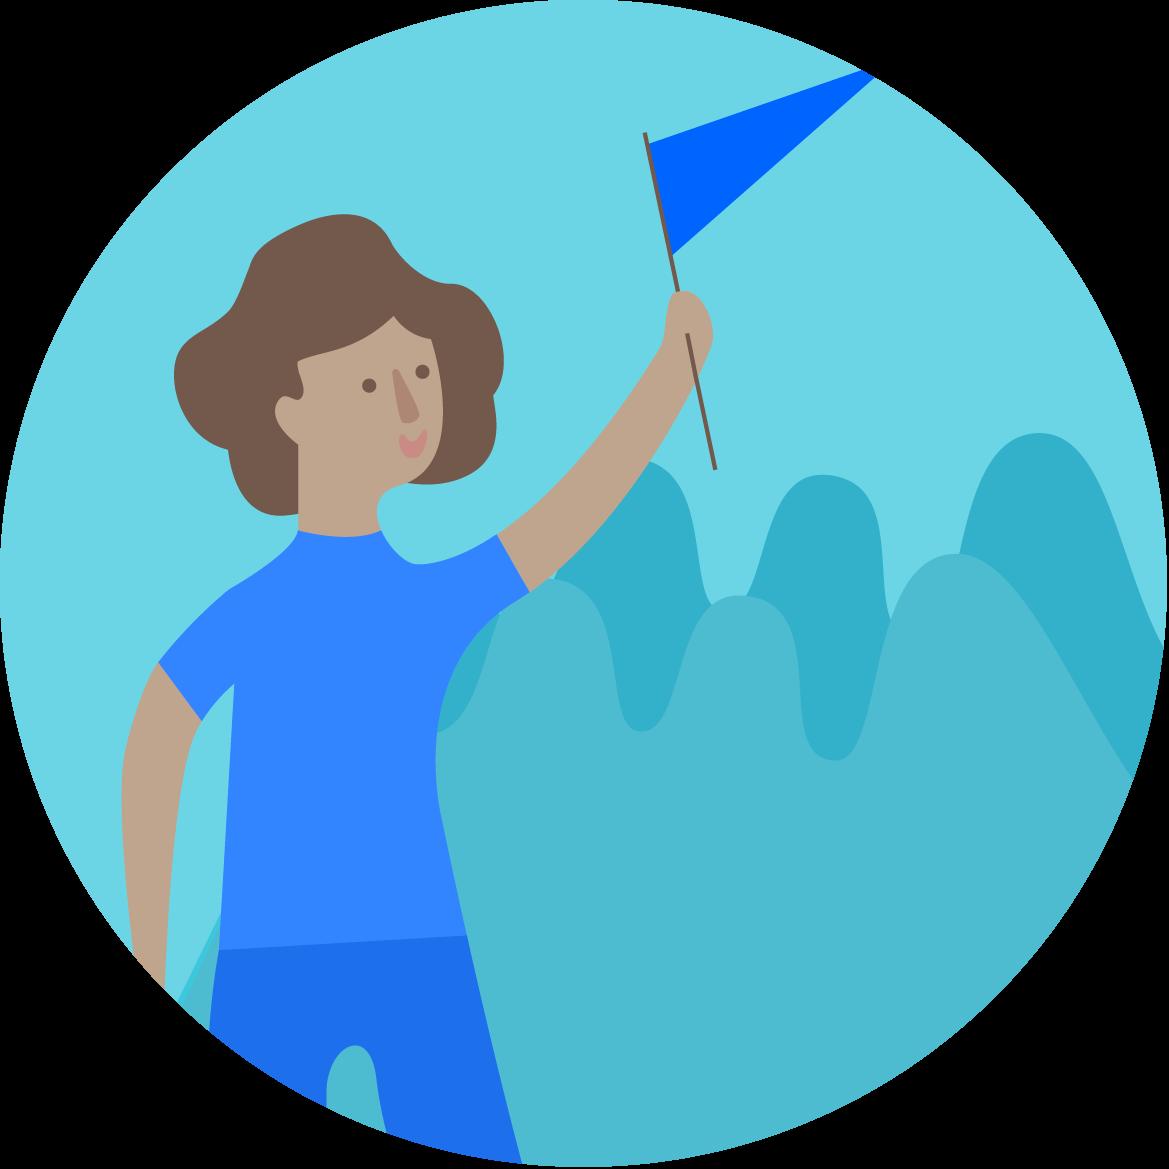 Los equipos de liderazgo con un alto rendimiento usan el monitor de estado para evaluar los puntos fuertes y débiles y, después, realizar un seguimiento de su progreso.